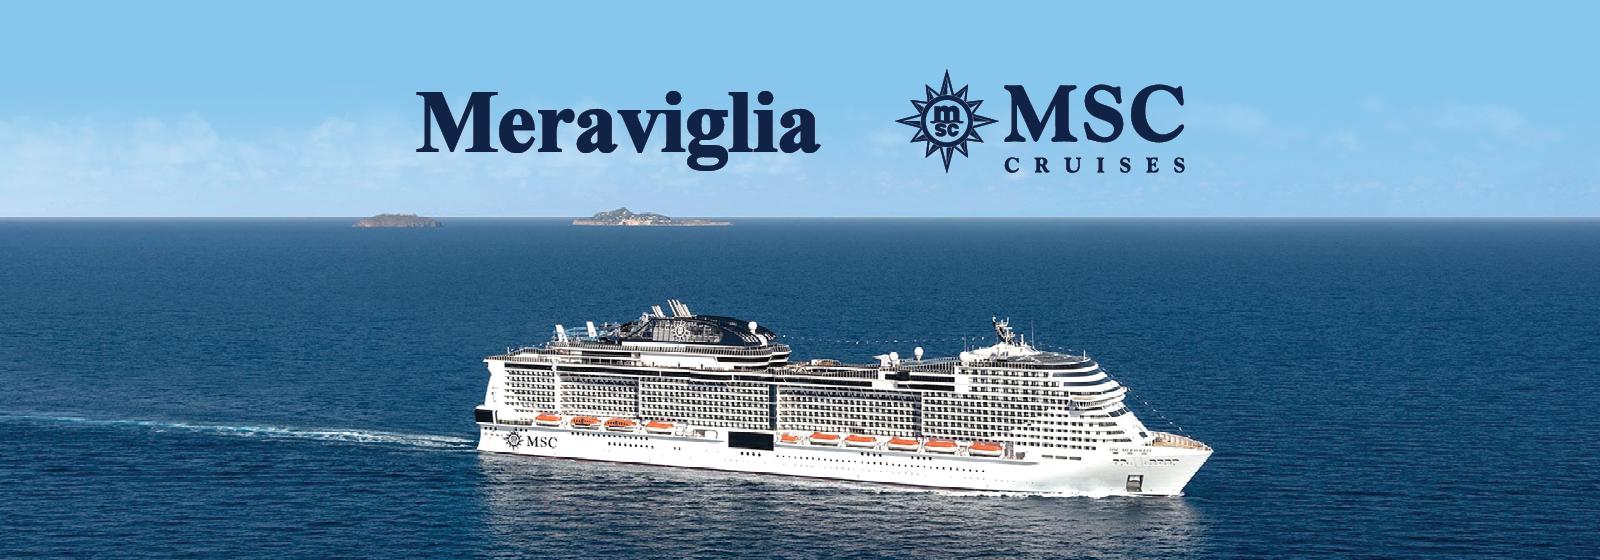 MSC Meraviglia1